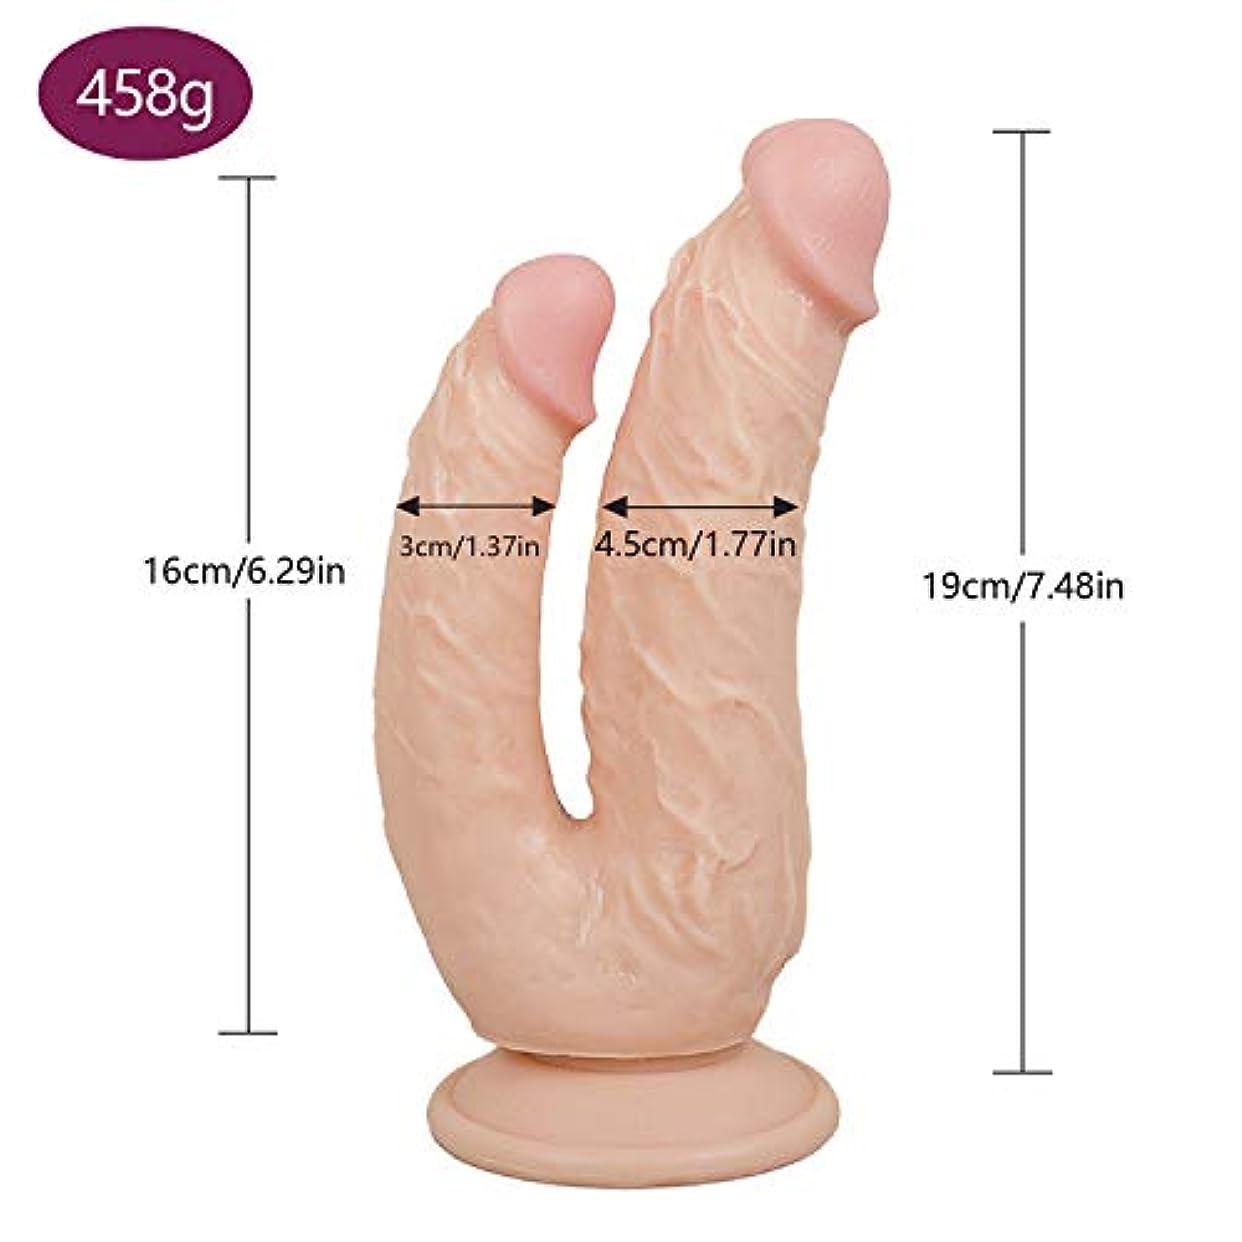 アーチ最後の細部ペニス 8.46インチの個人的な両面の大きなおもちゃリアルフィールソフト柔軟なダブルヘッドマッサージ マッサージャー